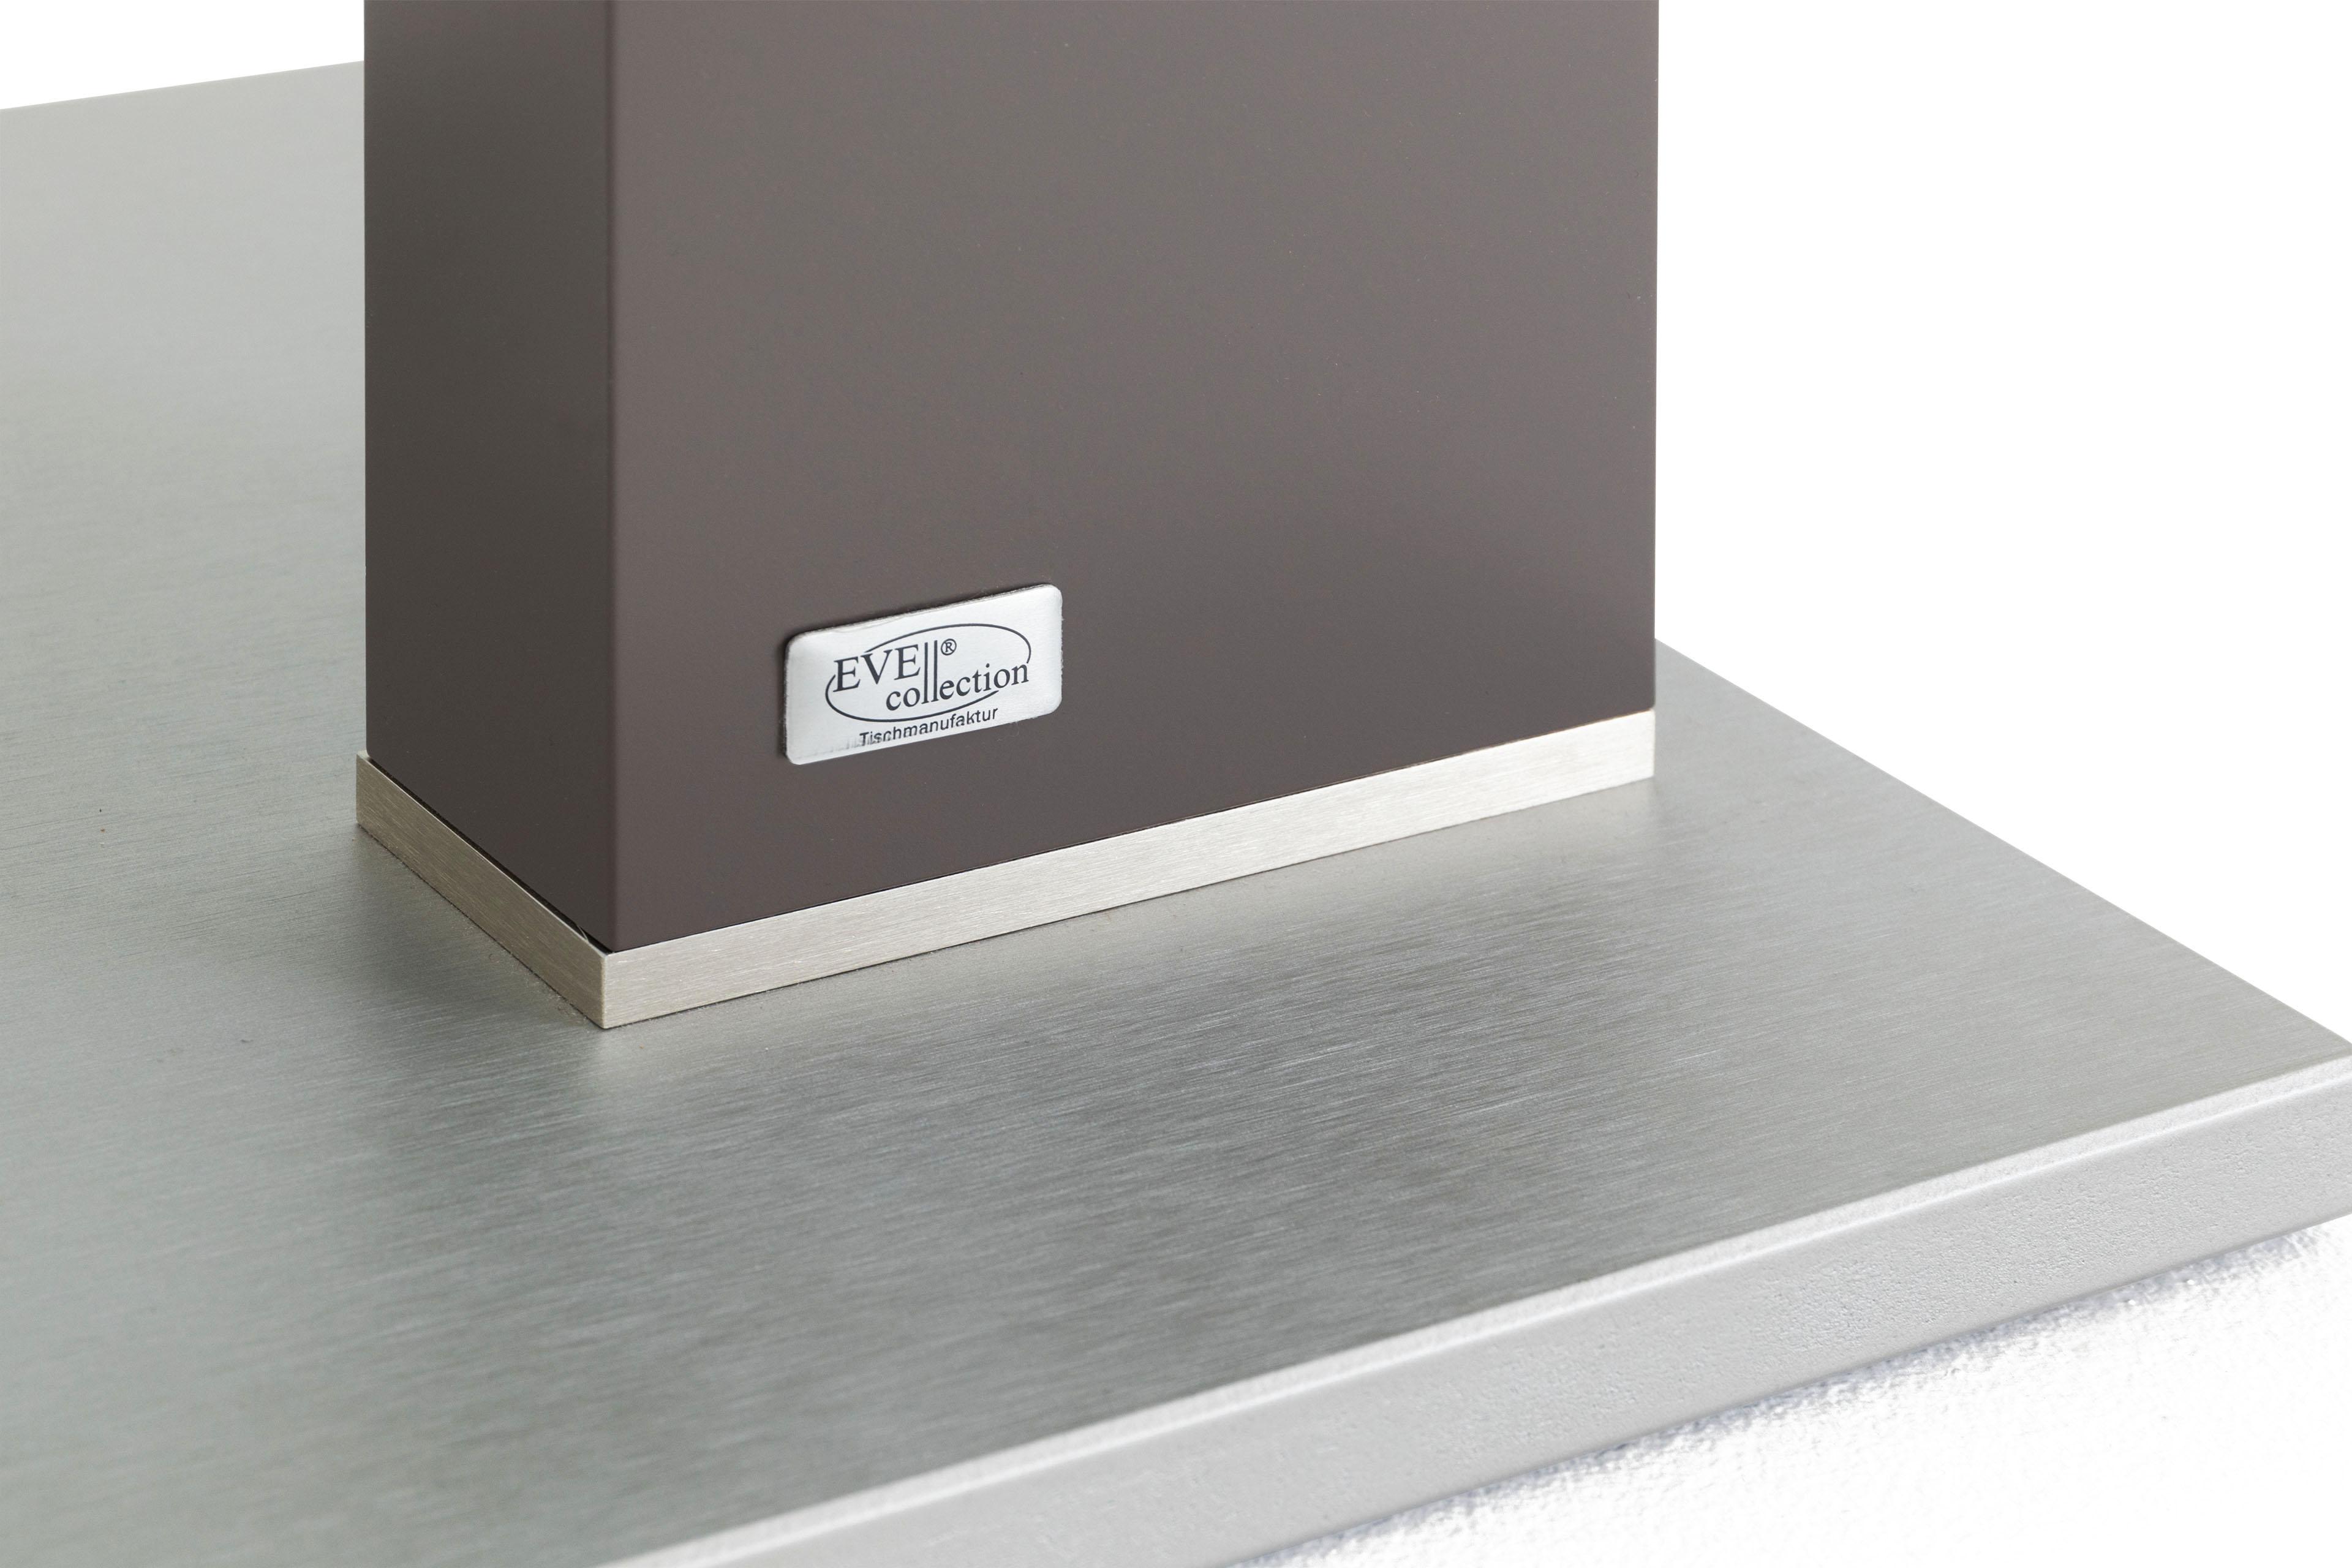 Couchtisch Brenzone in Weiß & Schlamm von EVE collection